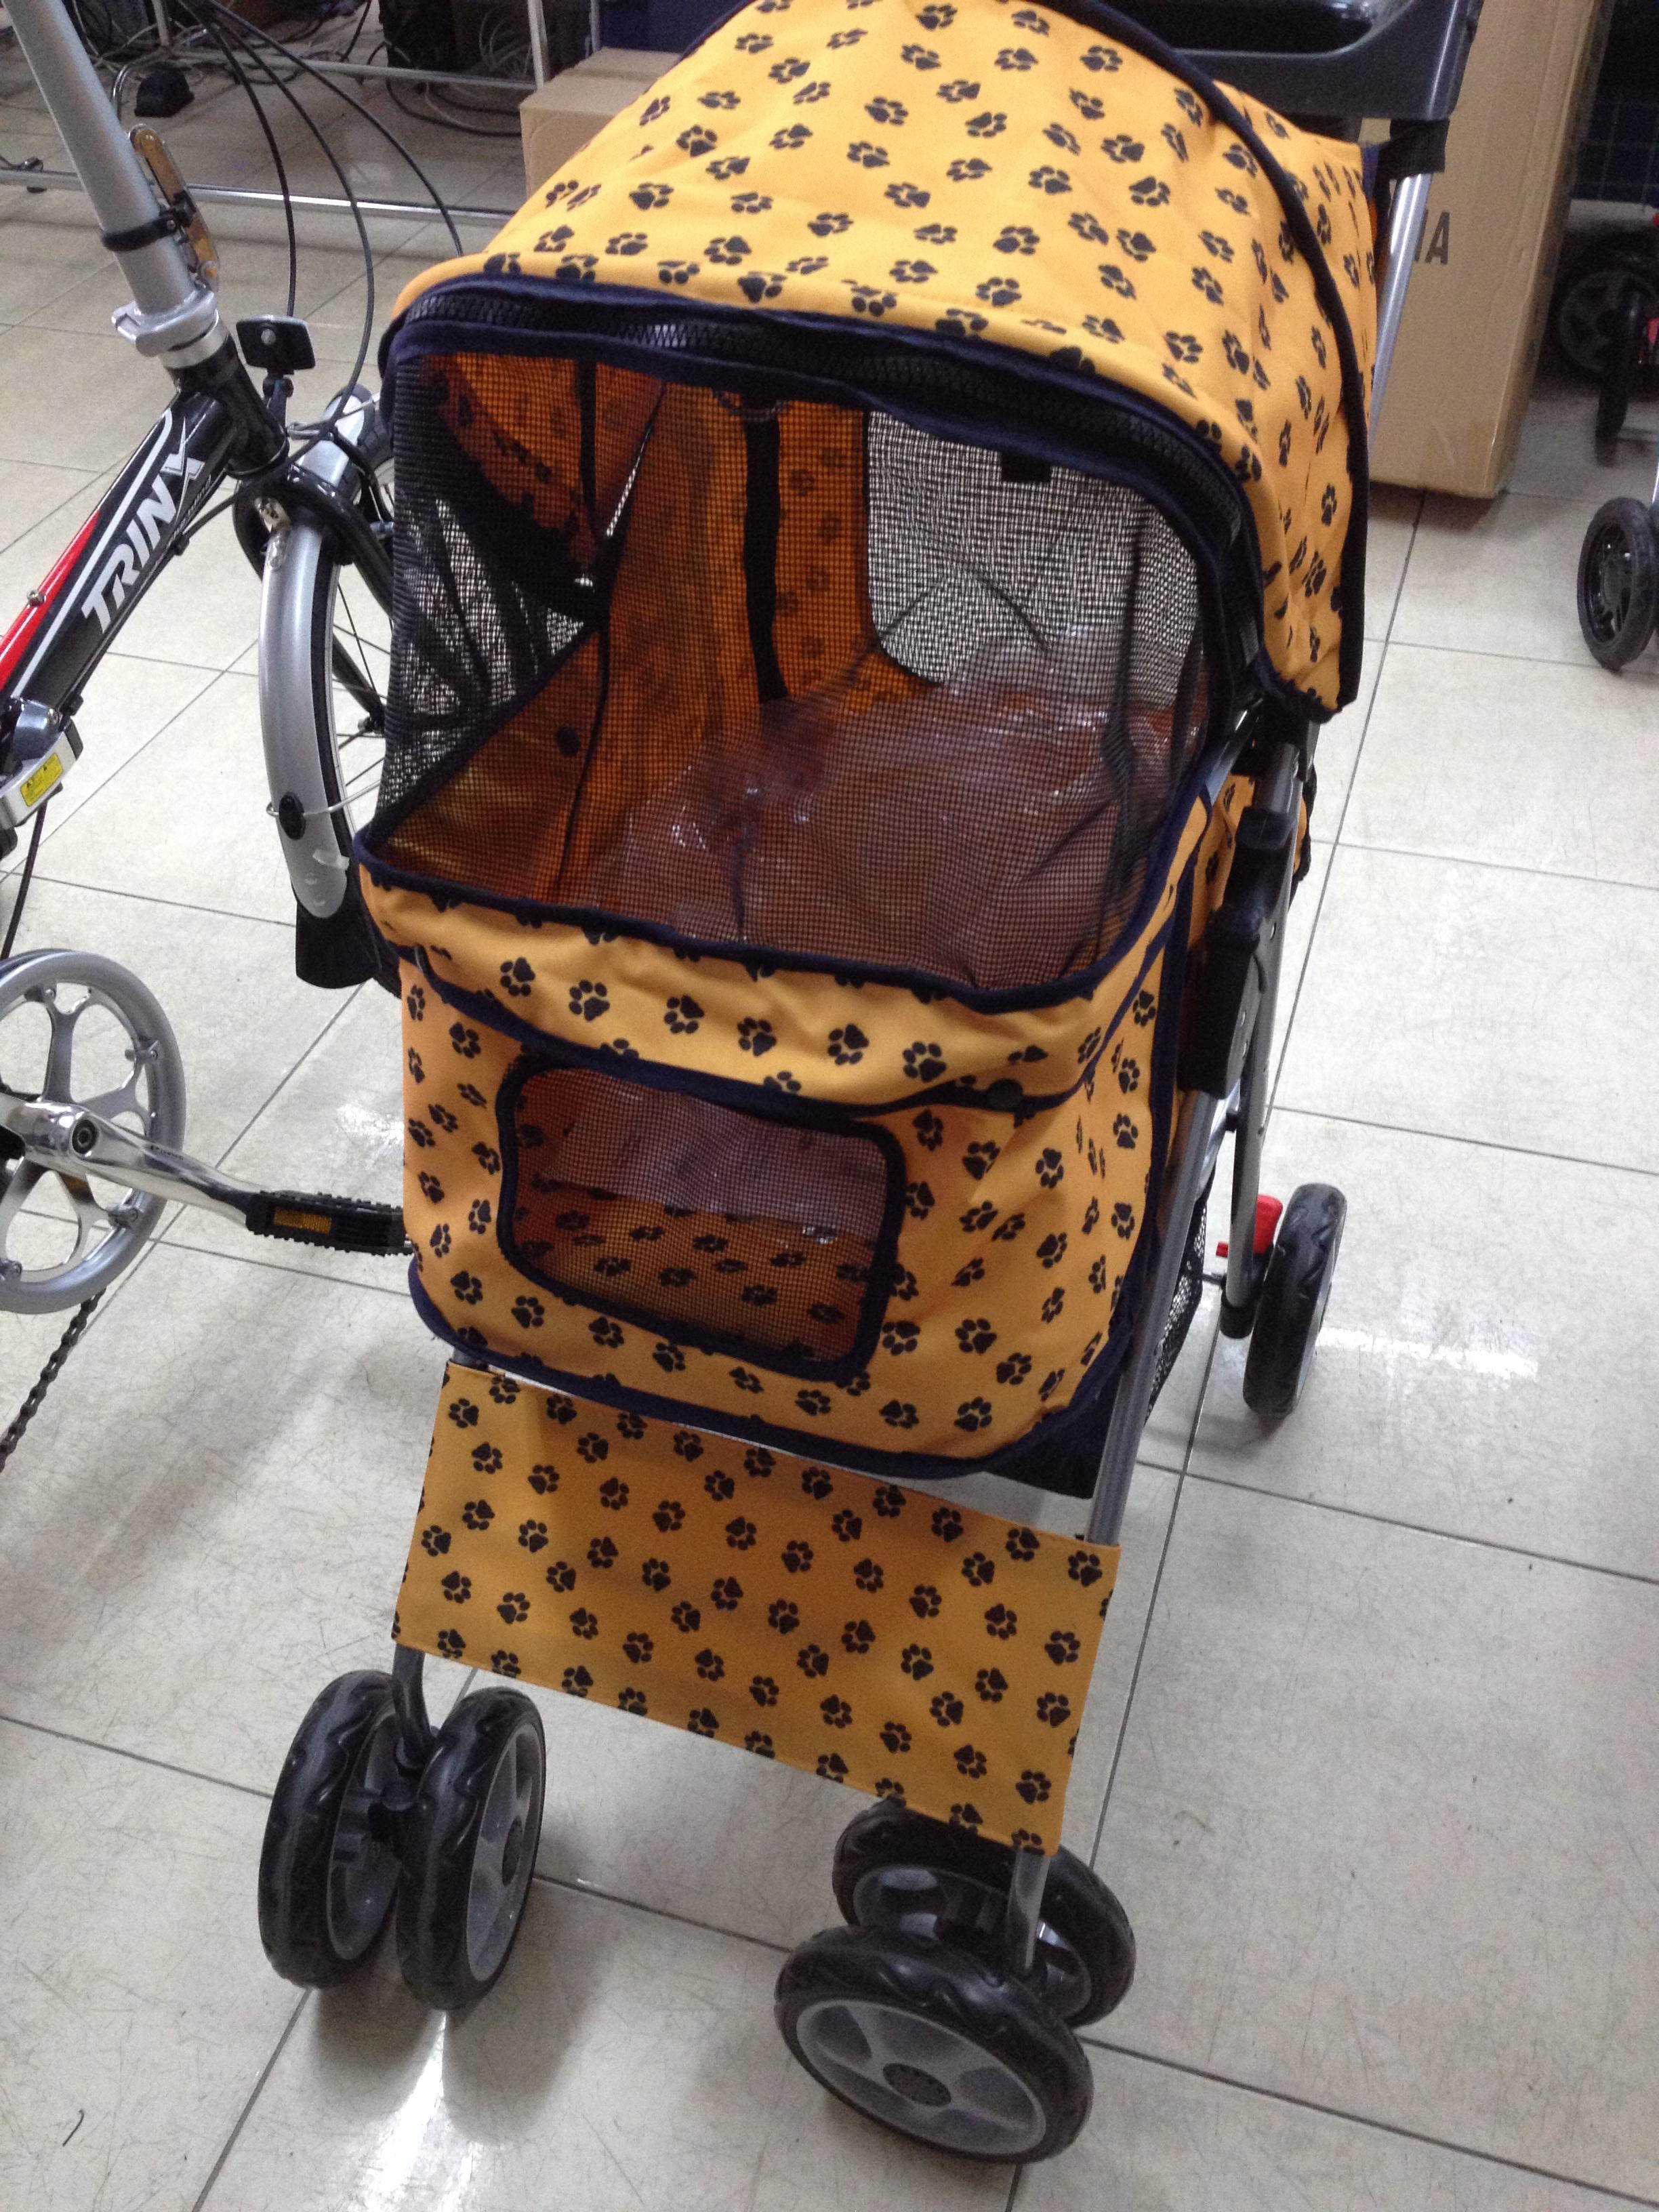 รถเข็นสุนัข คันเล็ก รุ่น E ลายเท้าน้องหมาสีเหลืองส้ม